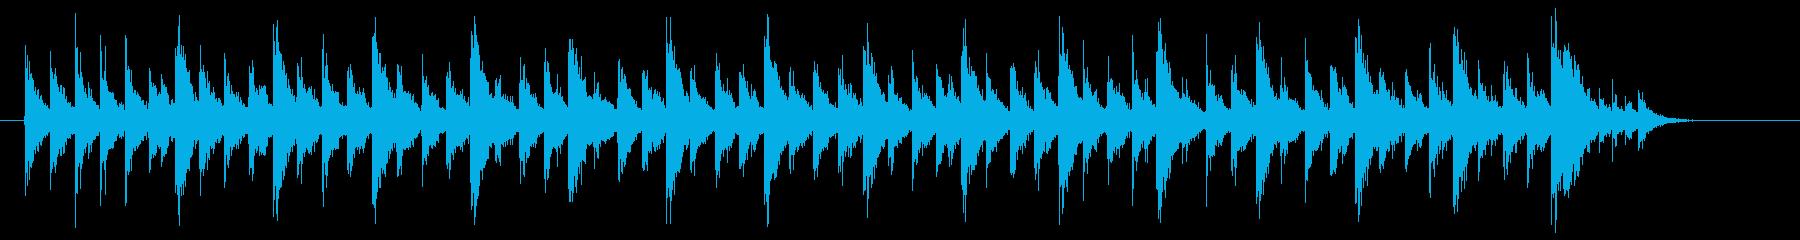 パーカッションドラムファーストケイ...の再生済みの波形